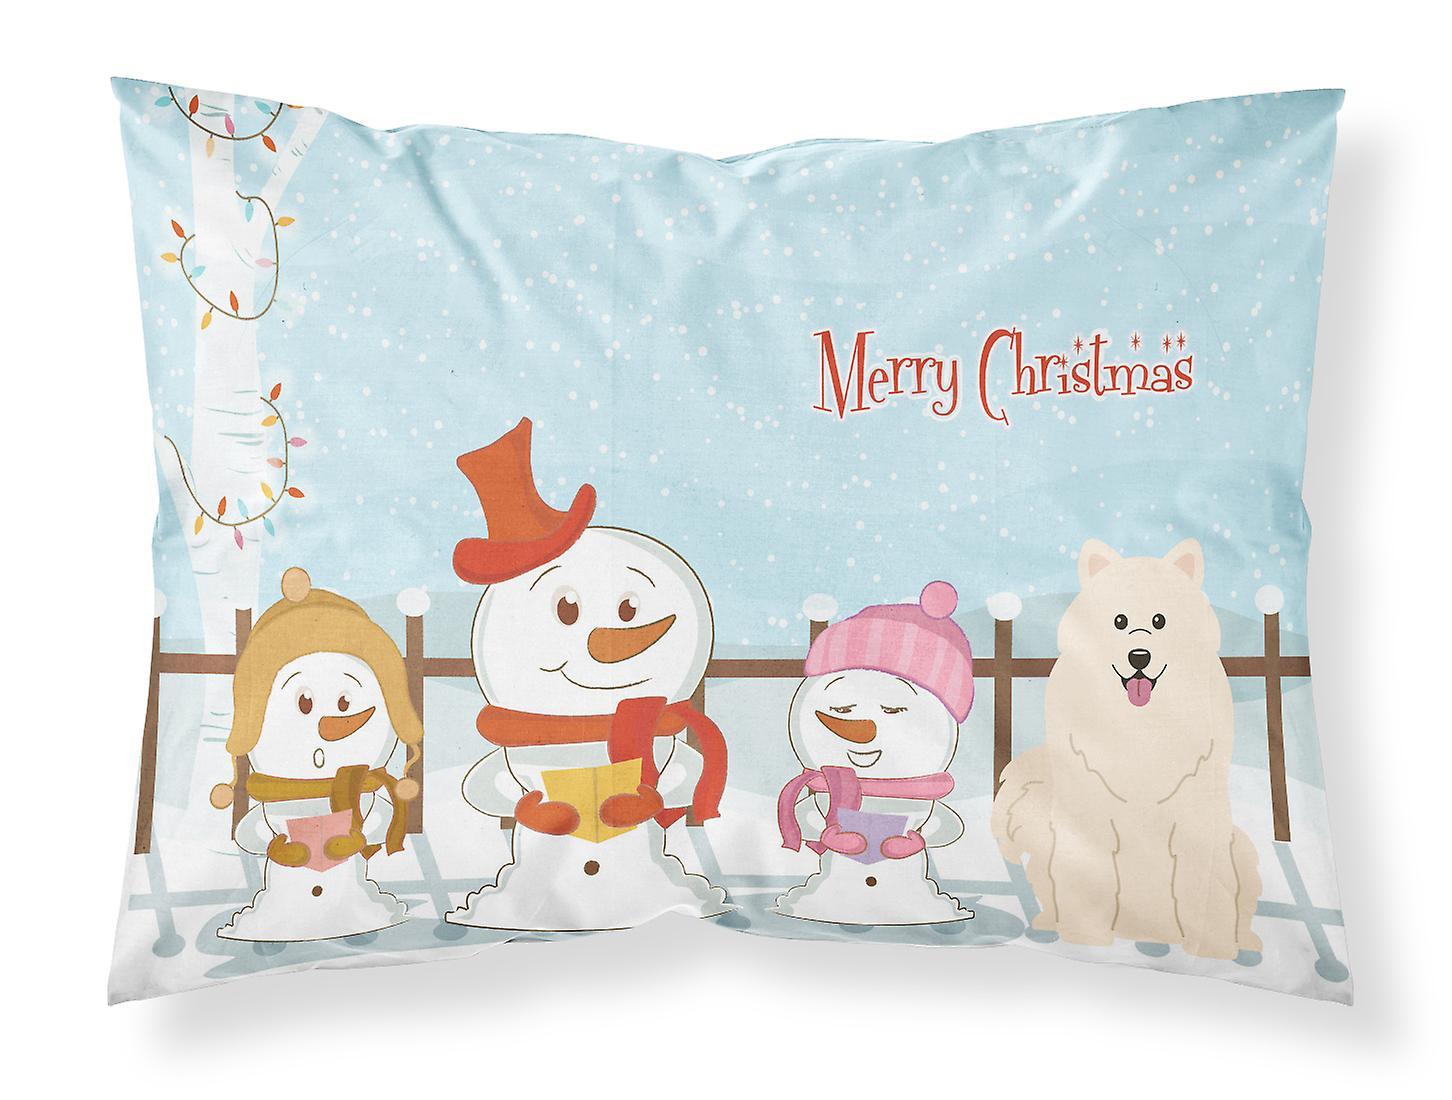 Tissu Taie Samoyède D'oreiller Standard Joyeux Noël De Chanteurs RLqAc543jS